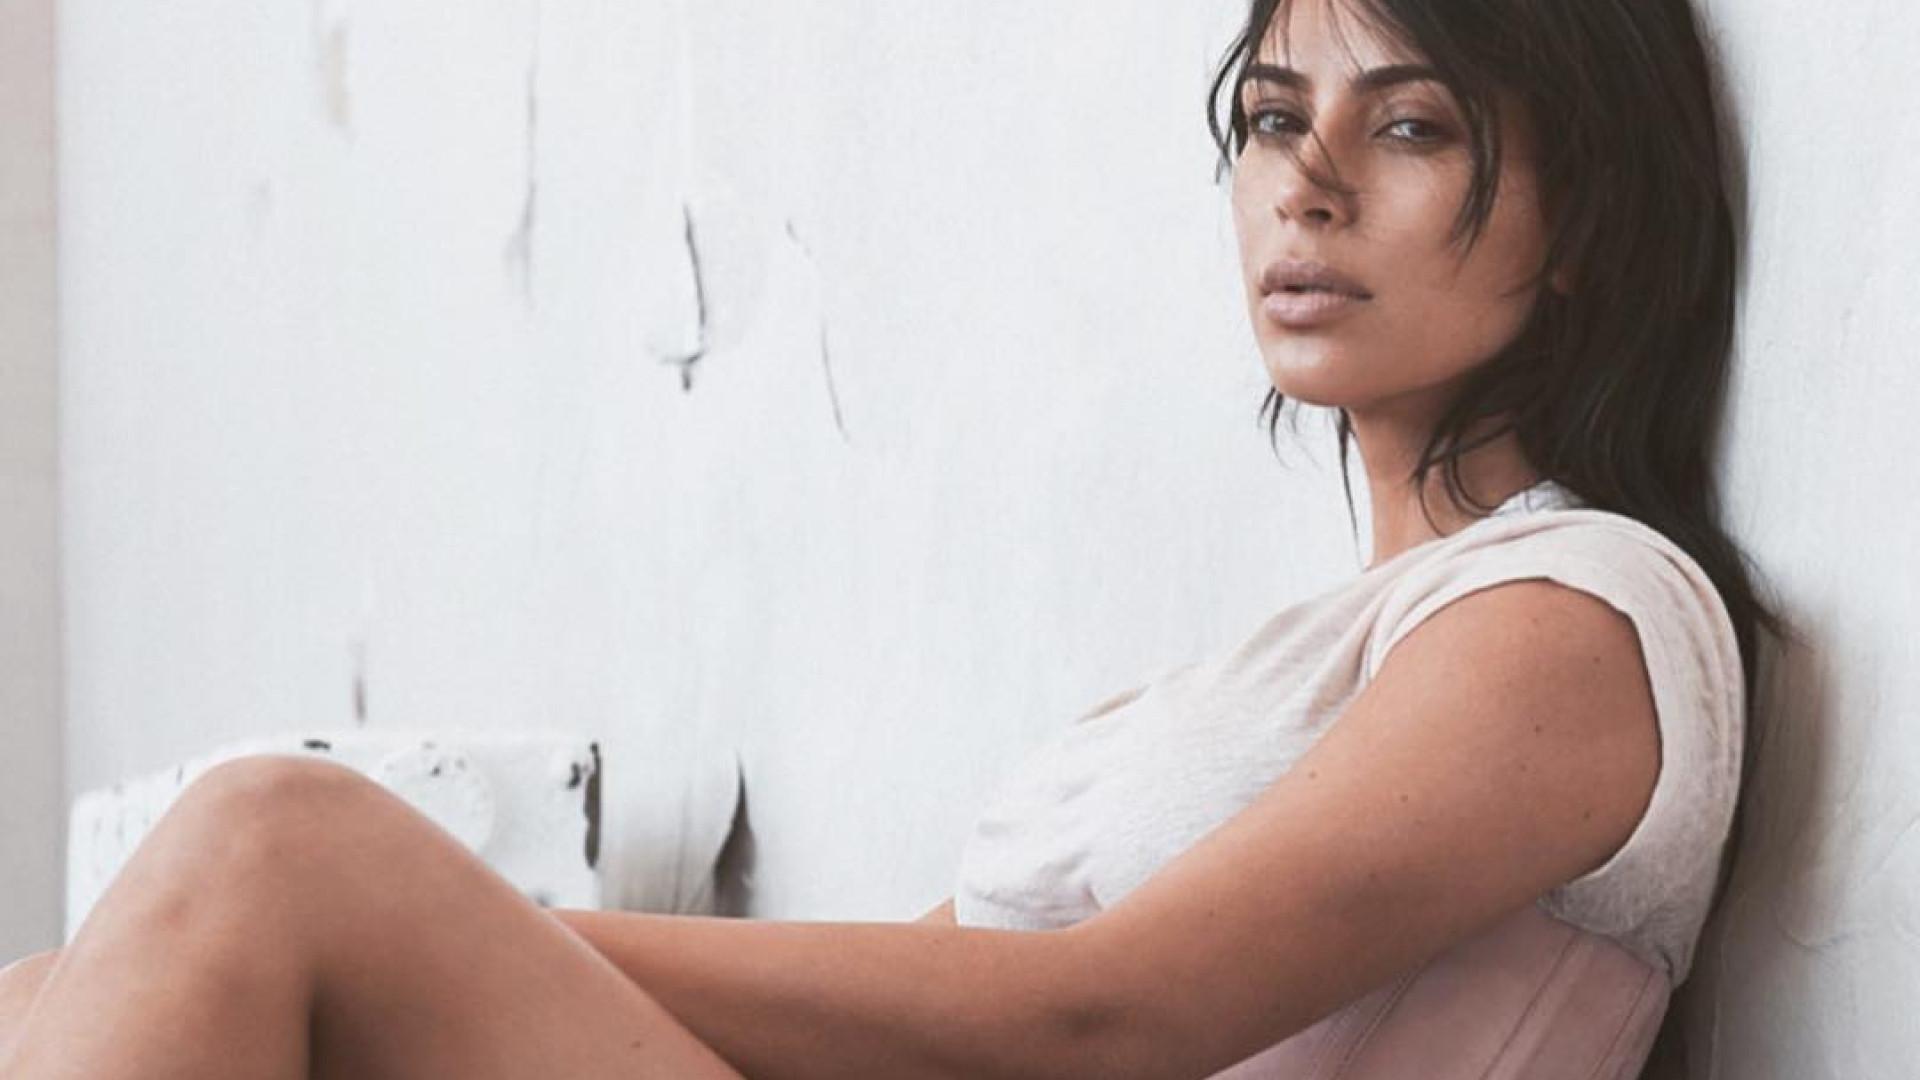 Kim Kardashian mostra mamilos nas redes sociais e gera polémica